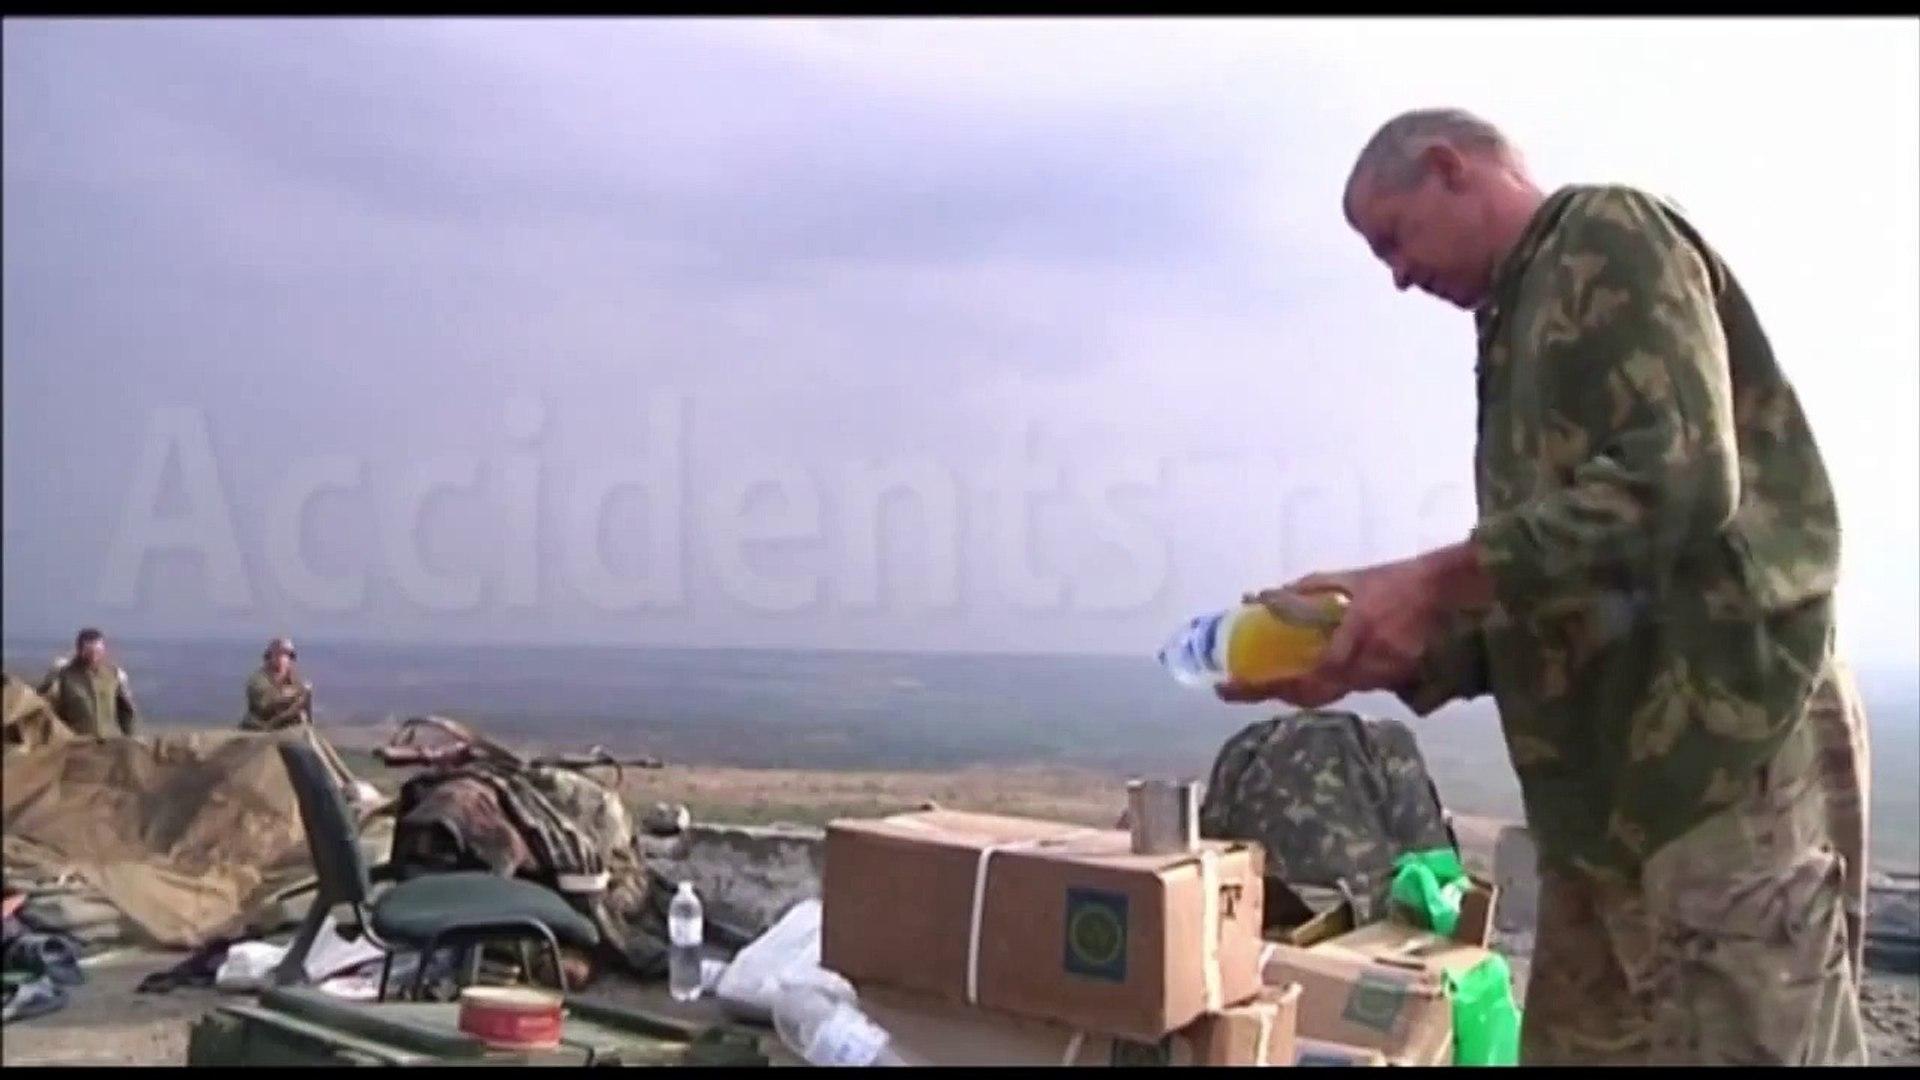 Там где были Скифи, Казаки и Золотая Орда  29 08 2014 Курган Саур Могила занят ополченцами